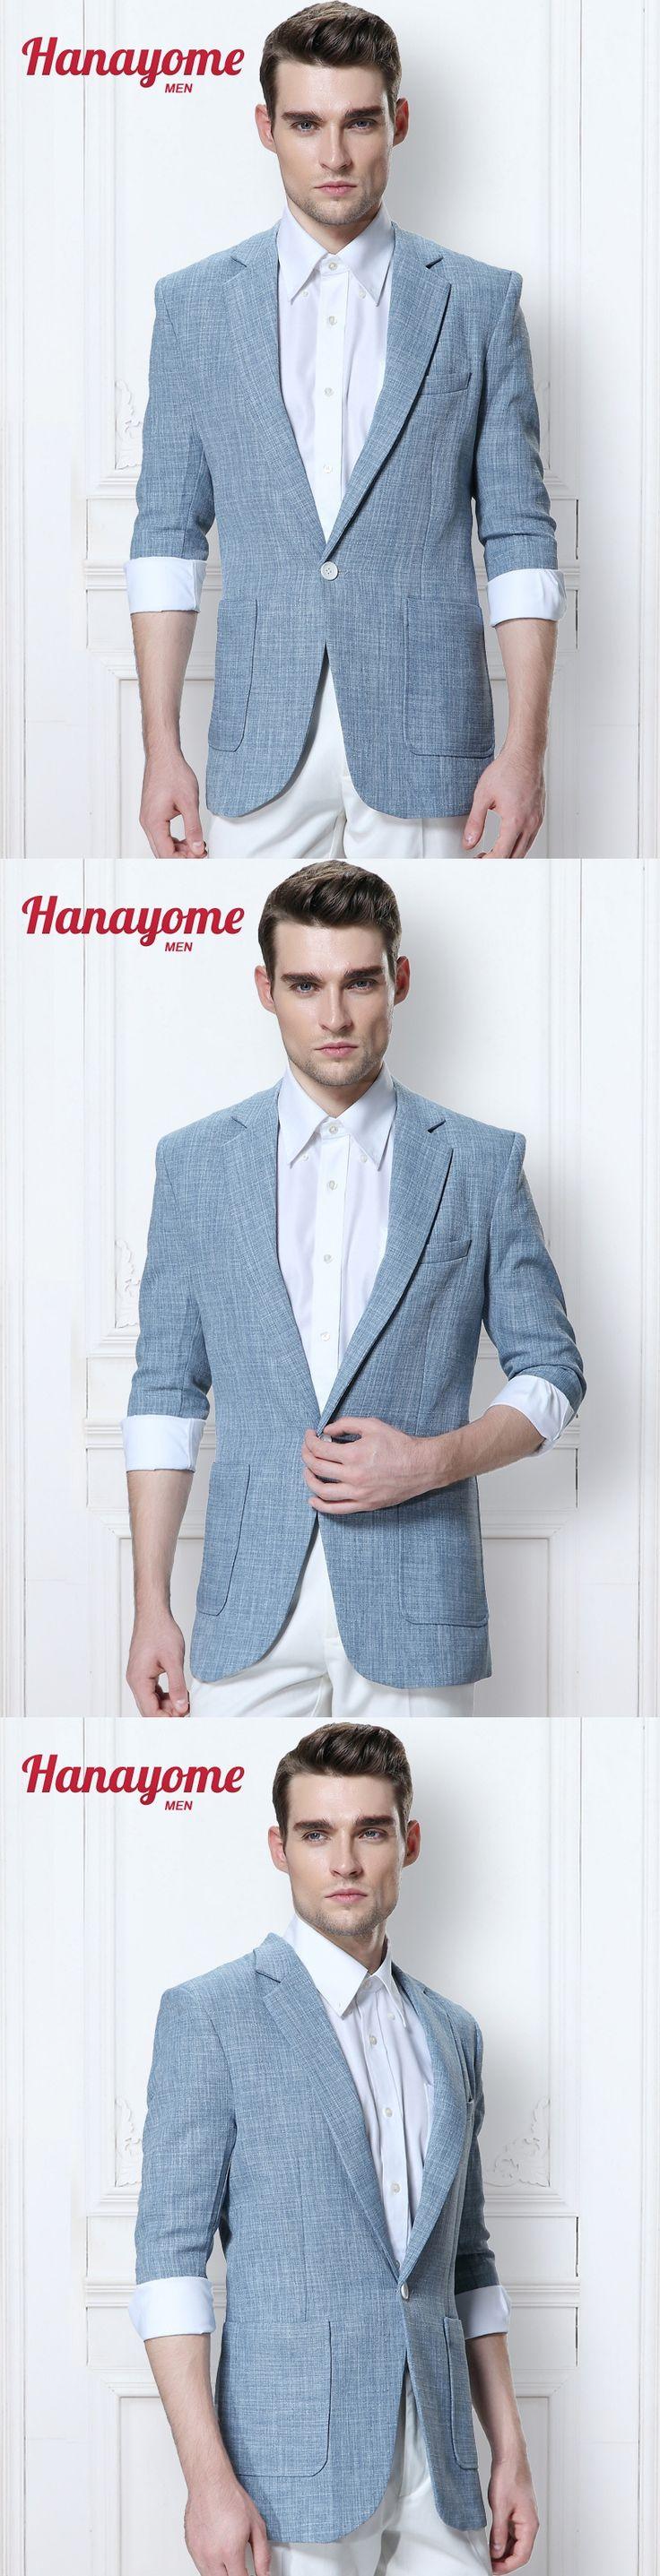 Royal Blue Pants For Men Plaid Blue Suit 2pc Set Men Tuxedo With Sequins Men's 2017 Summer 1/2 Sleeves Suit & Pants D325